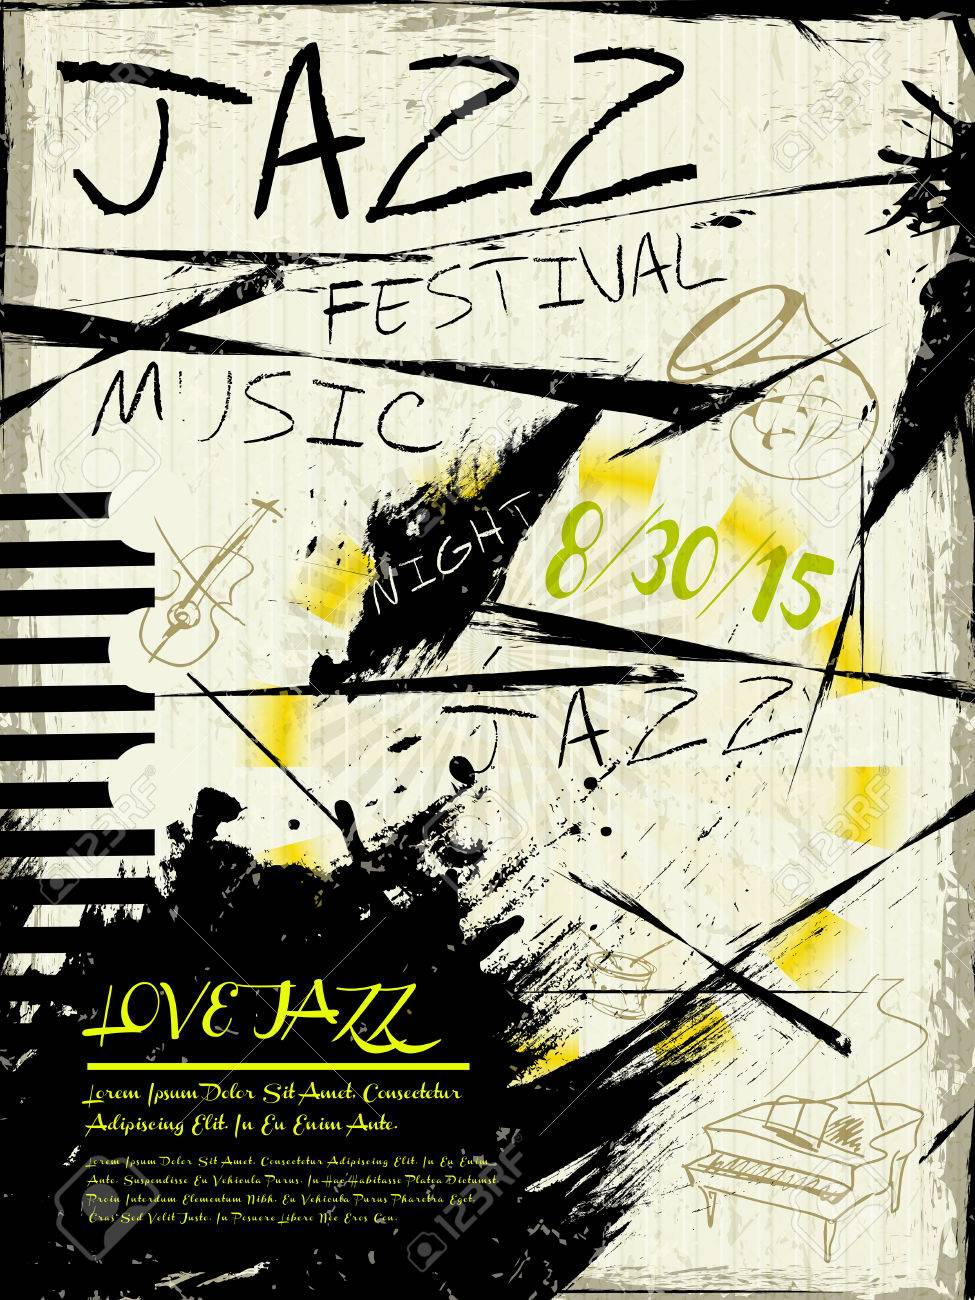 Elegante Festival De Jazz Cartel De La Música Plantilla De Diseño ...